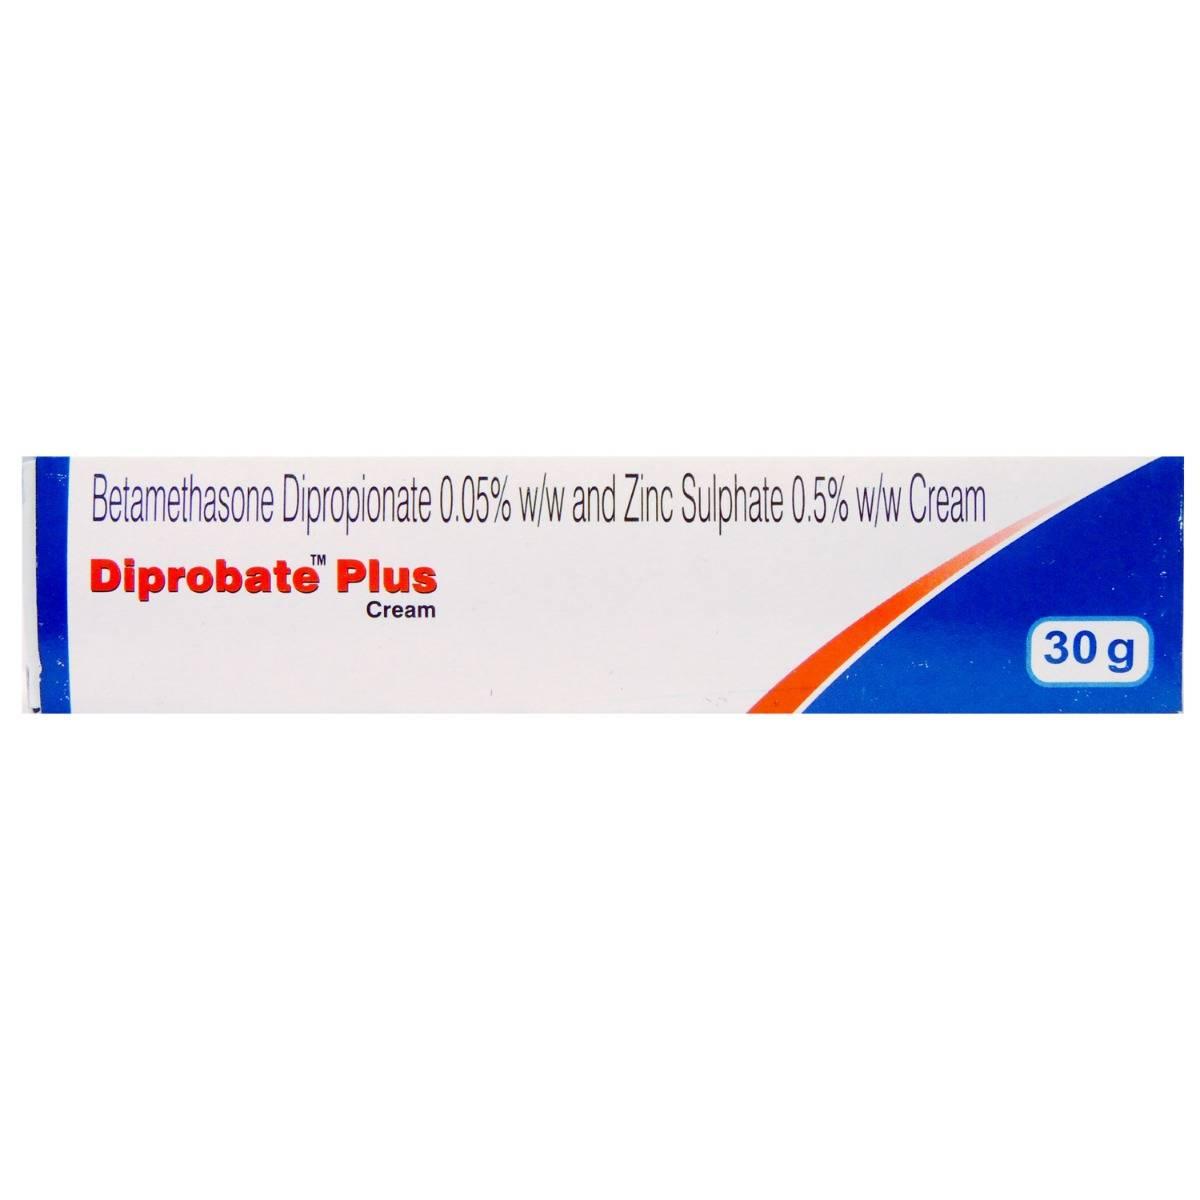 Diprobate Plus Cream 30gm